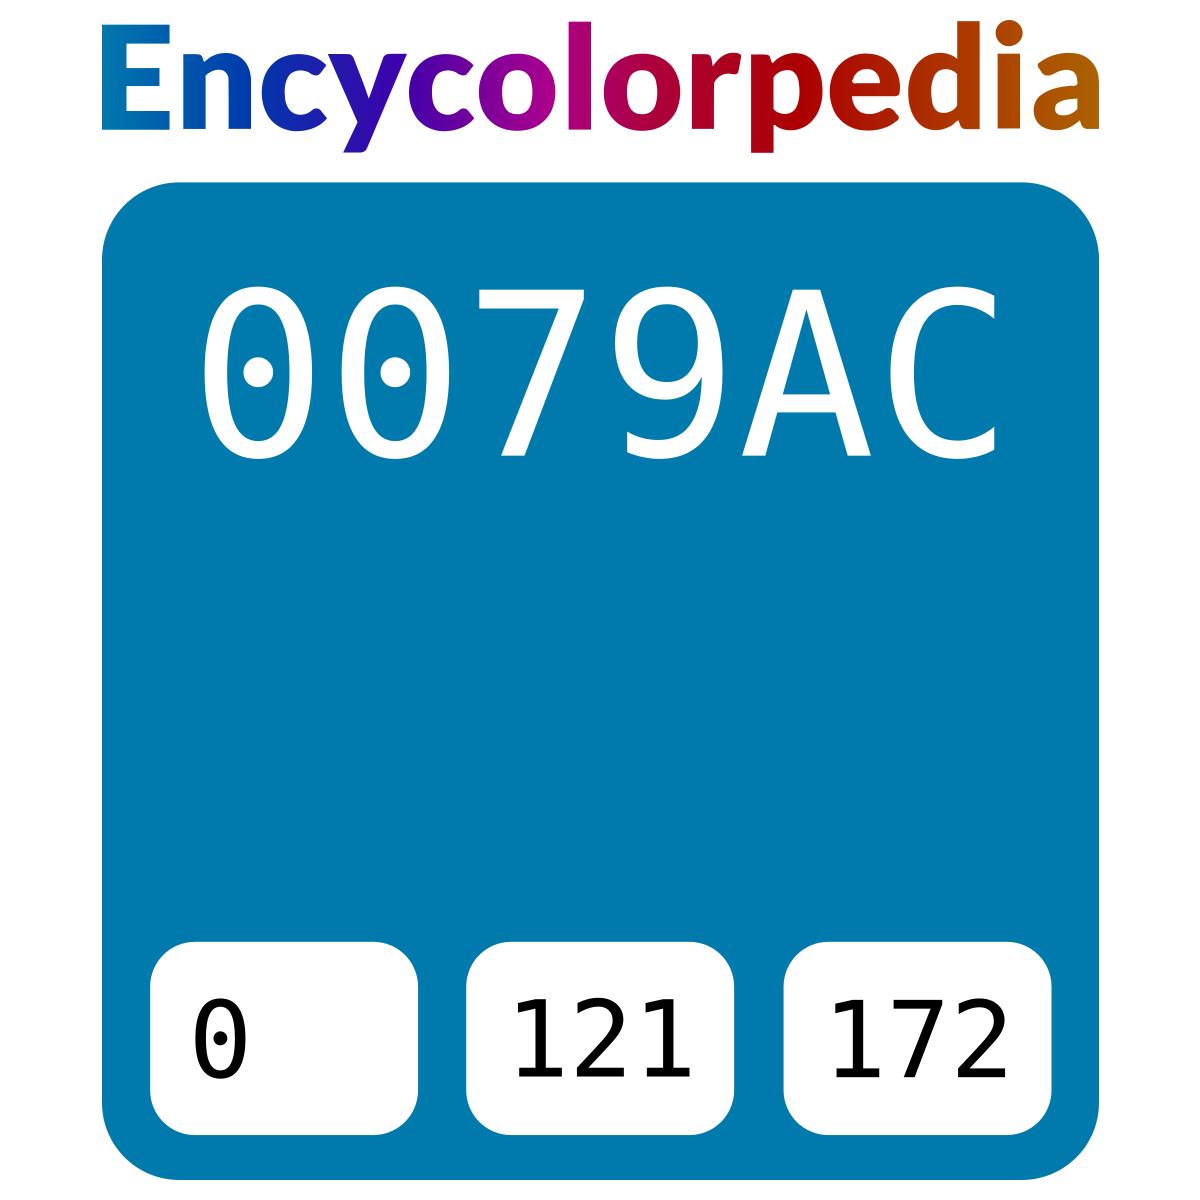 Tabella Colori Sikkens Ral sikkens s5.48.41 (ral 5015) / #0079ac schema codici per